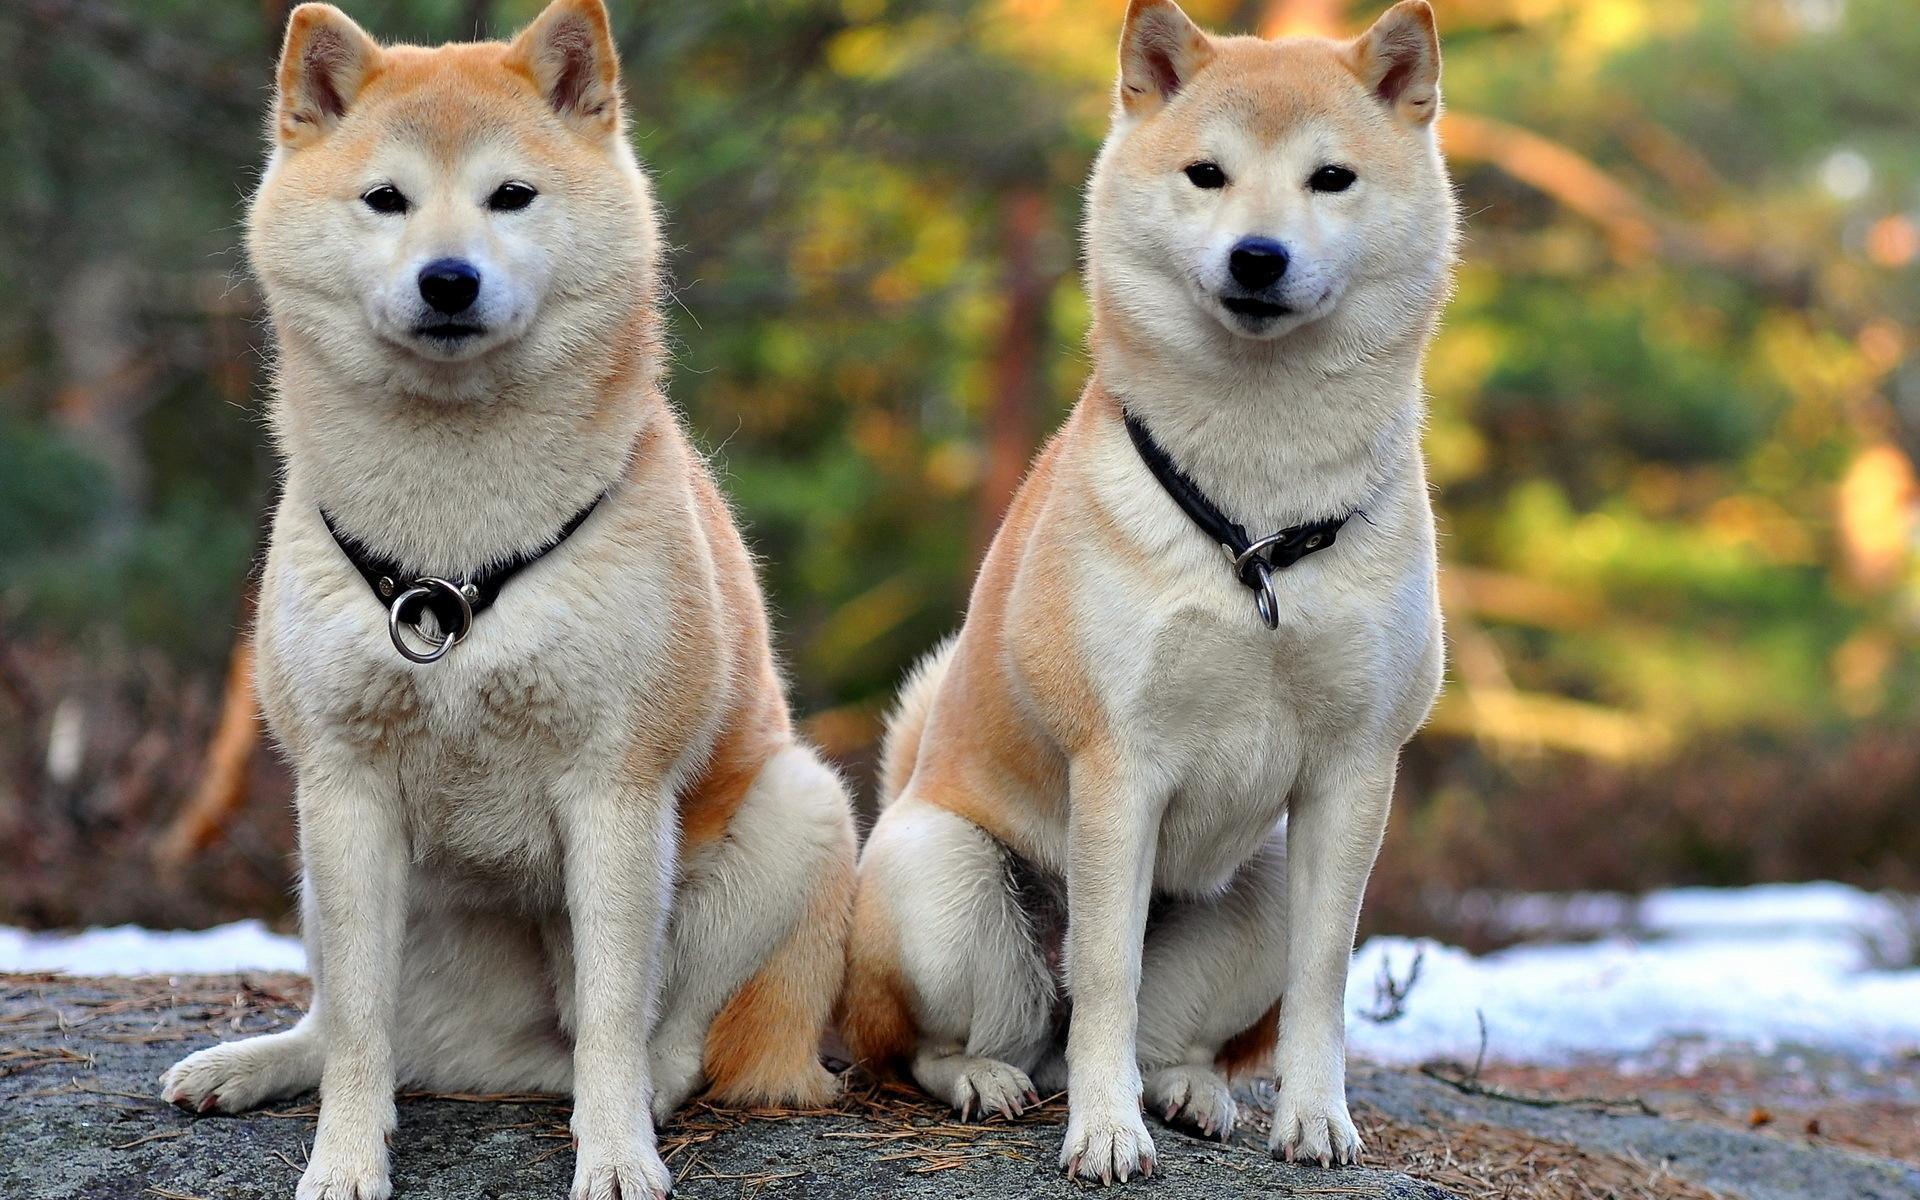 Хоккайдо, айну, сета - три имени одной породы